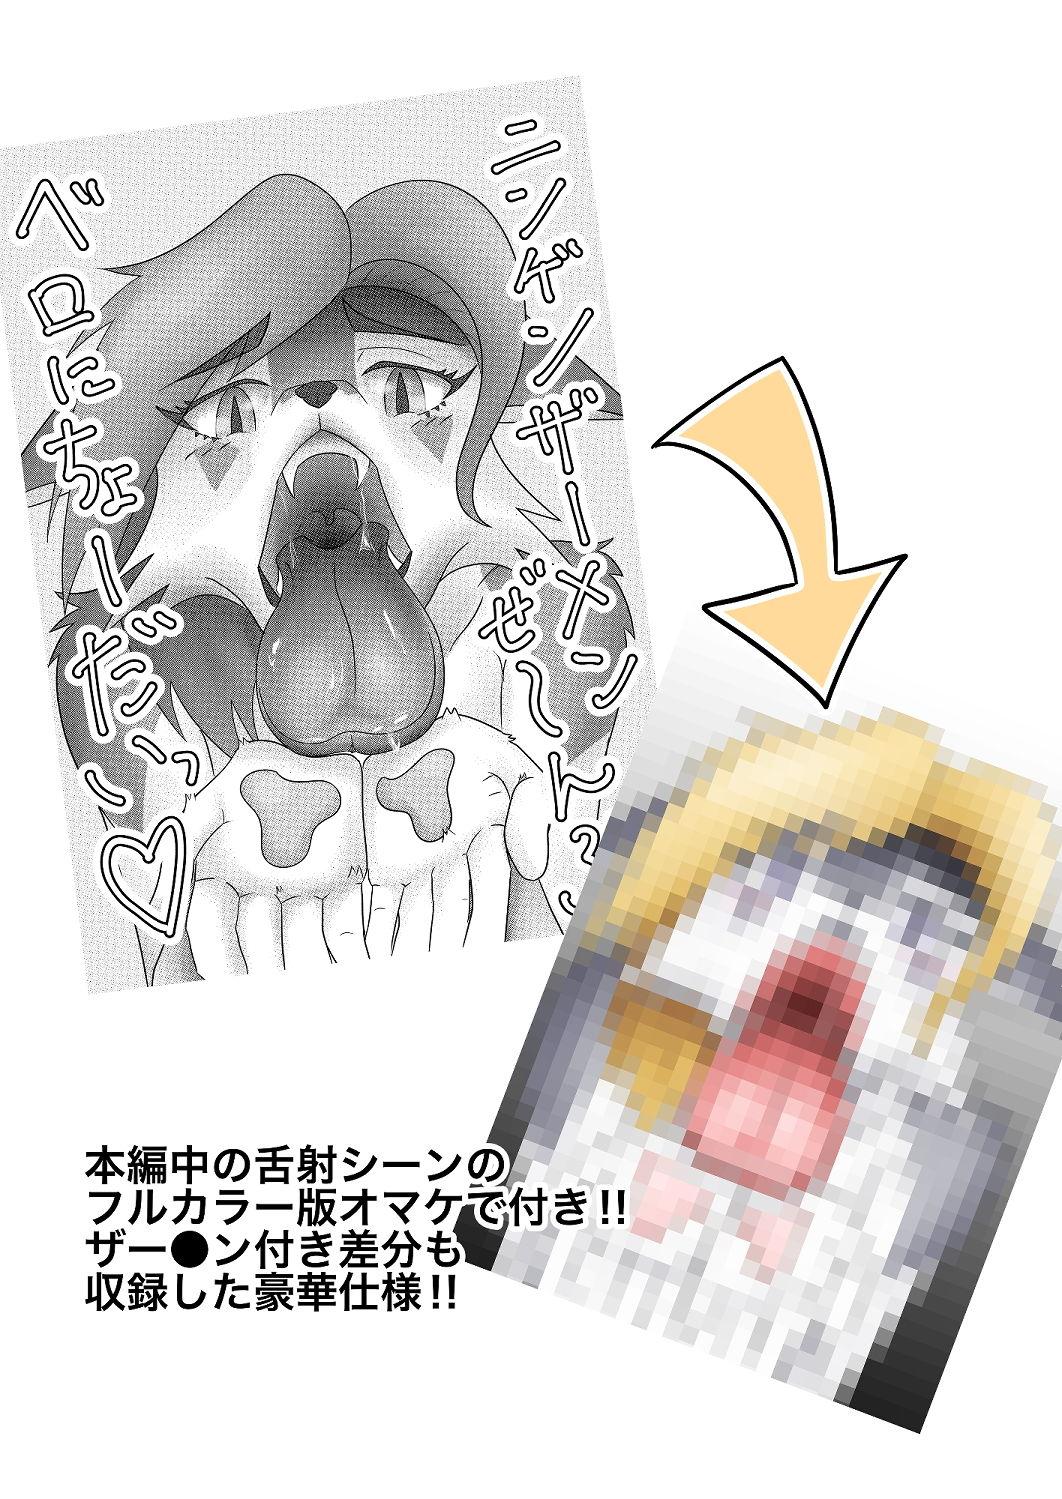 ケモノお姉さんに痴女られたいっ!!